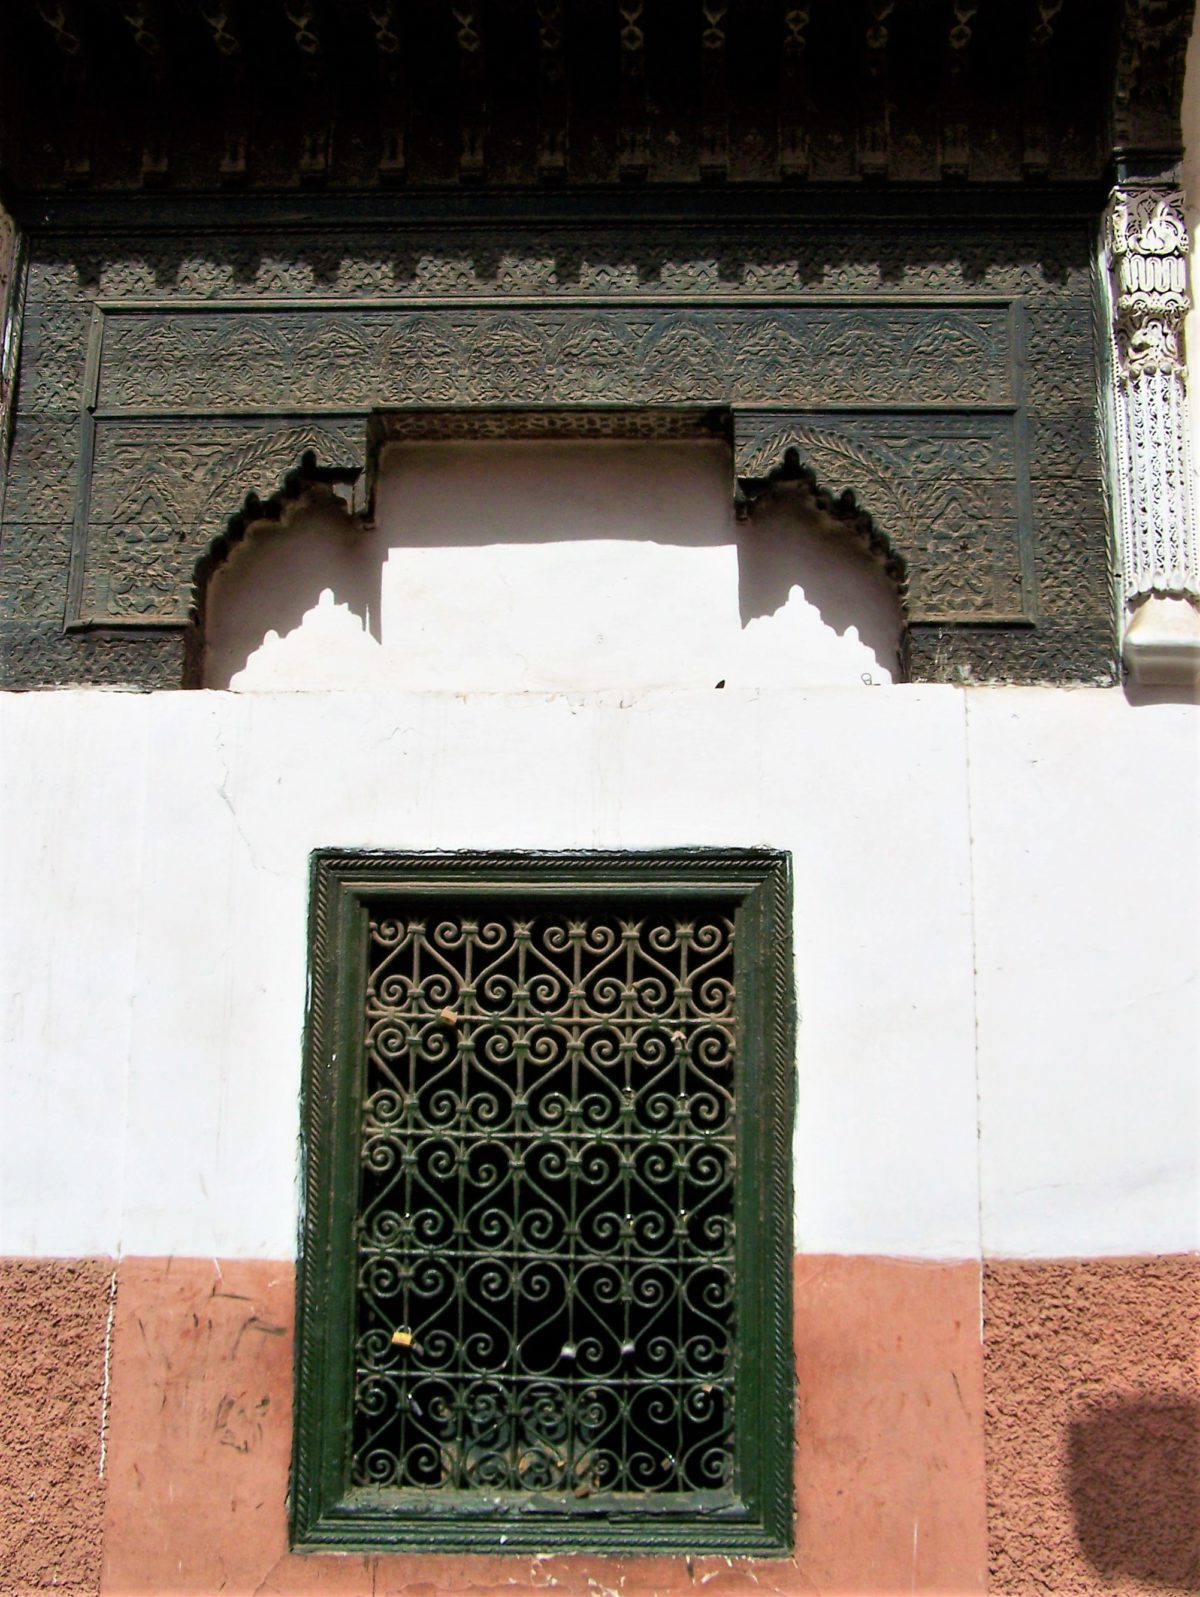 Marokańskie okna przysłaniają dyskretnie to co dzieje się wewnątrz budynku